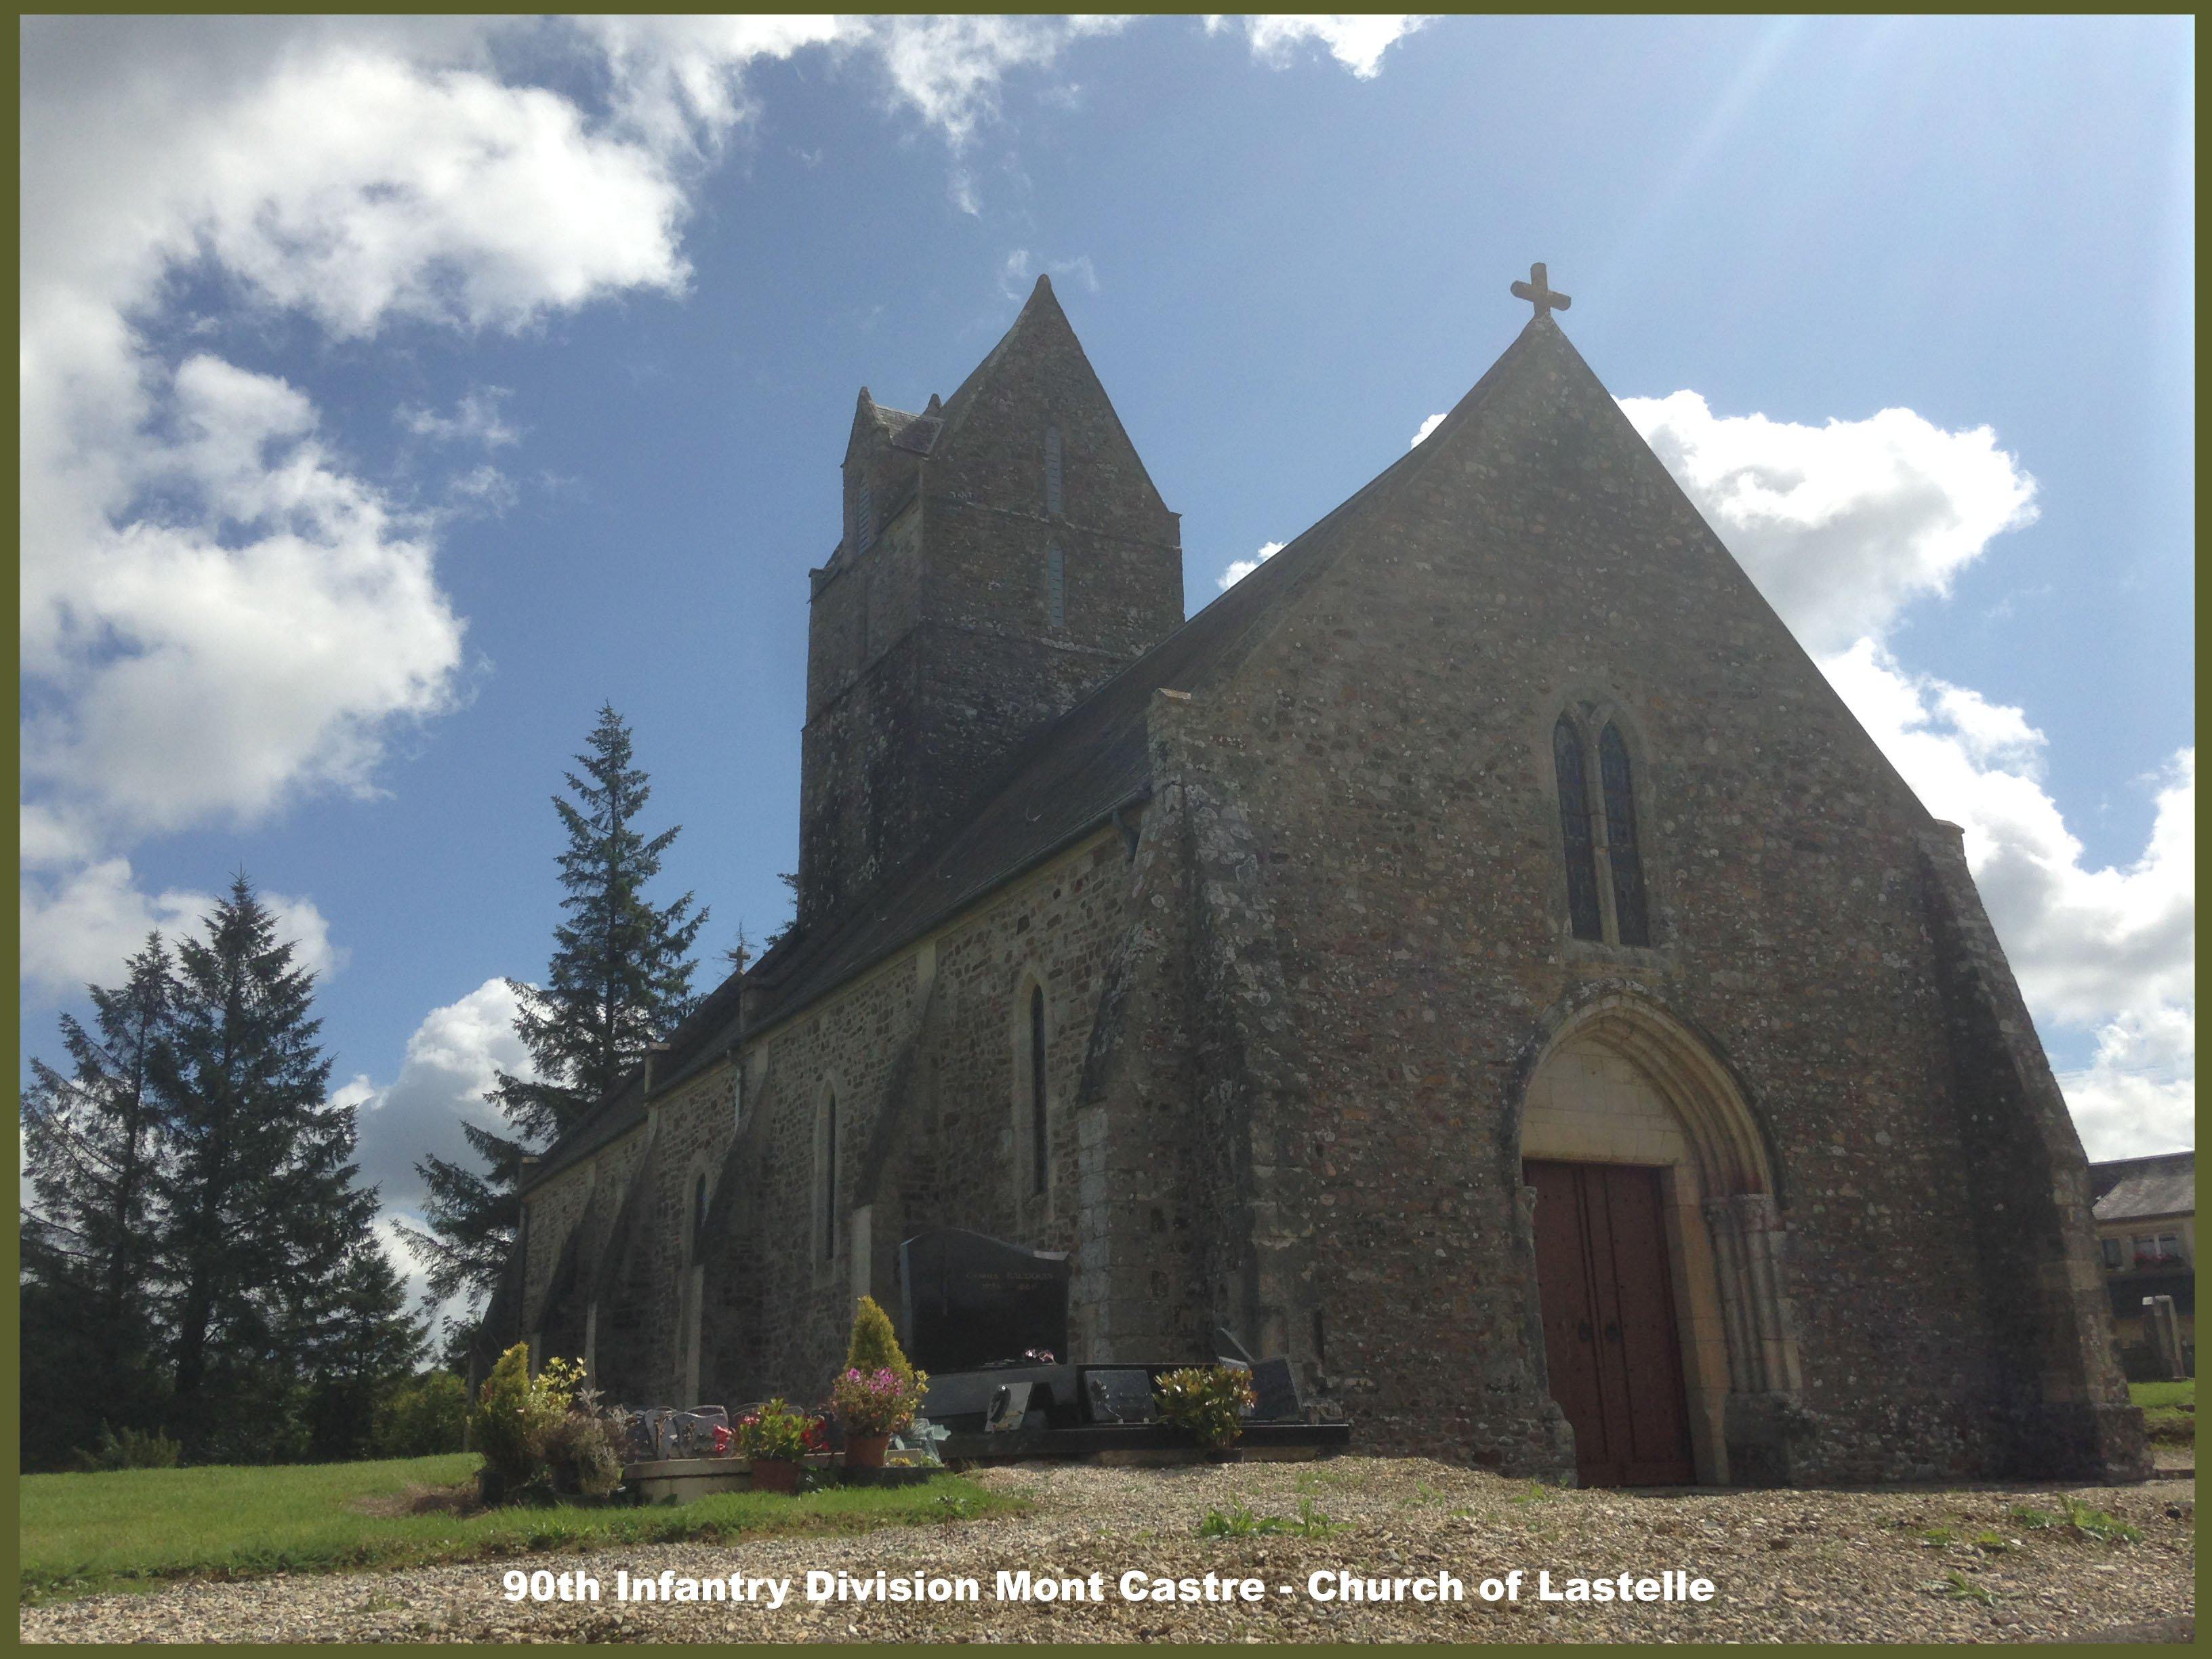 90th Infantry Division Mont Castre - Lastelle church copy